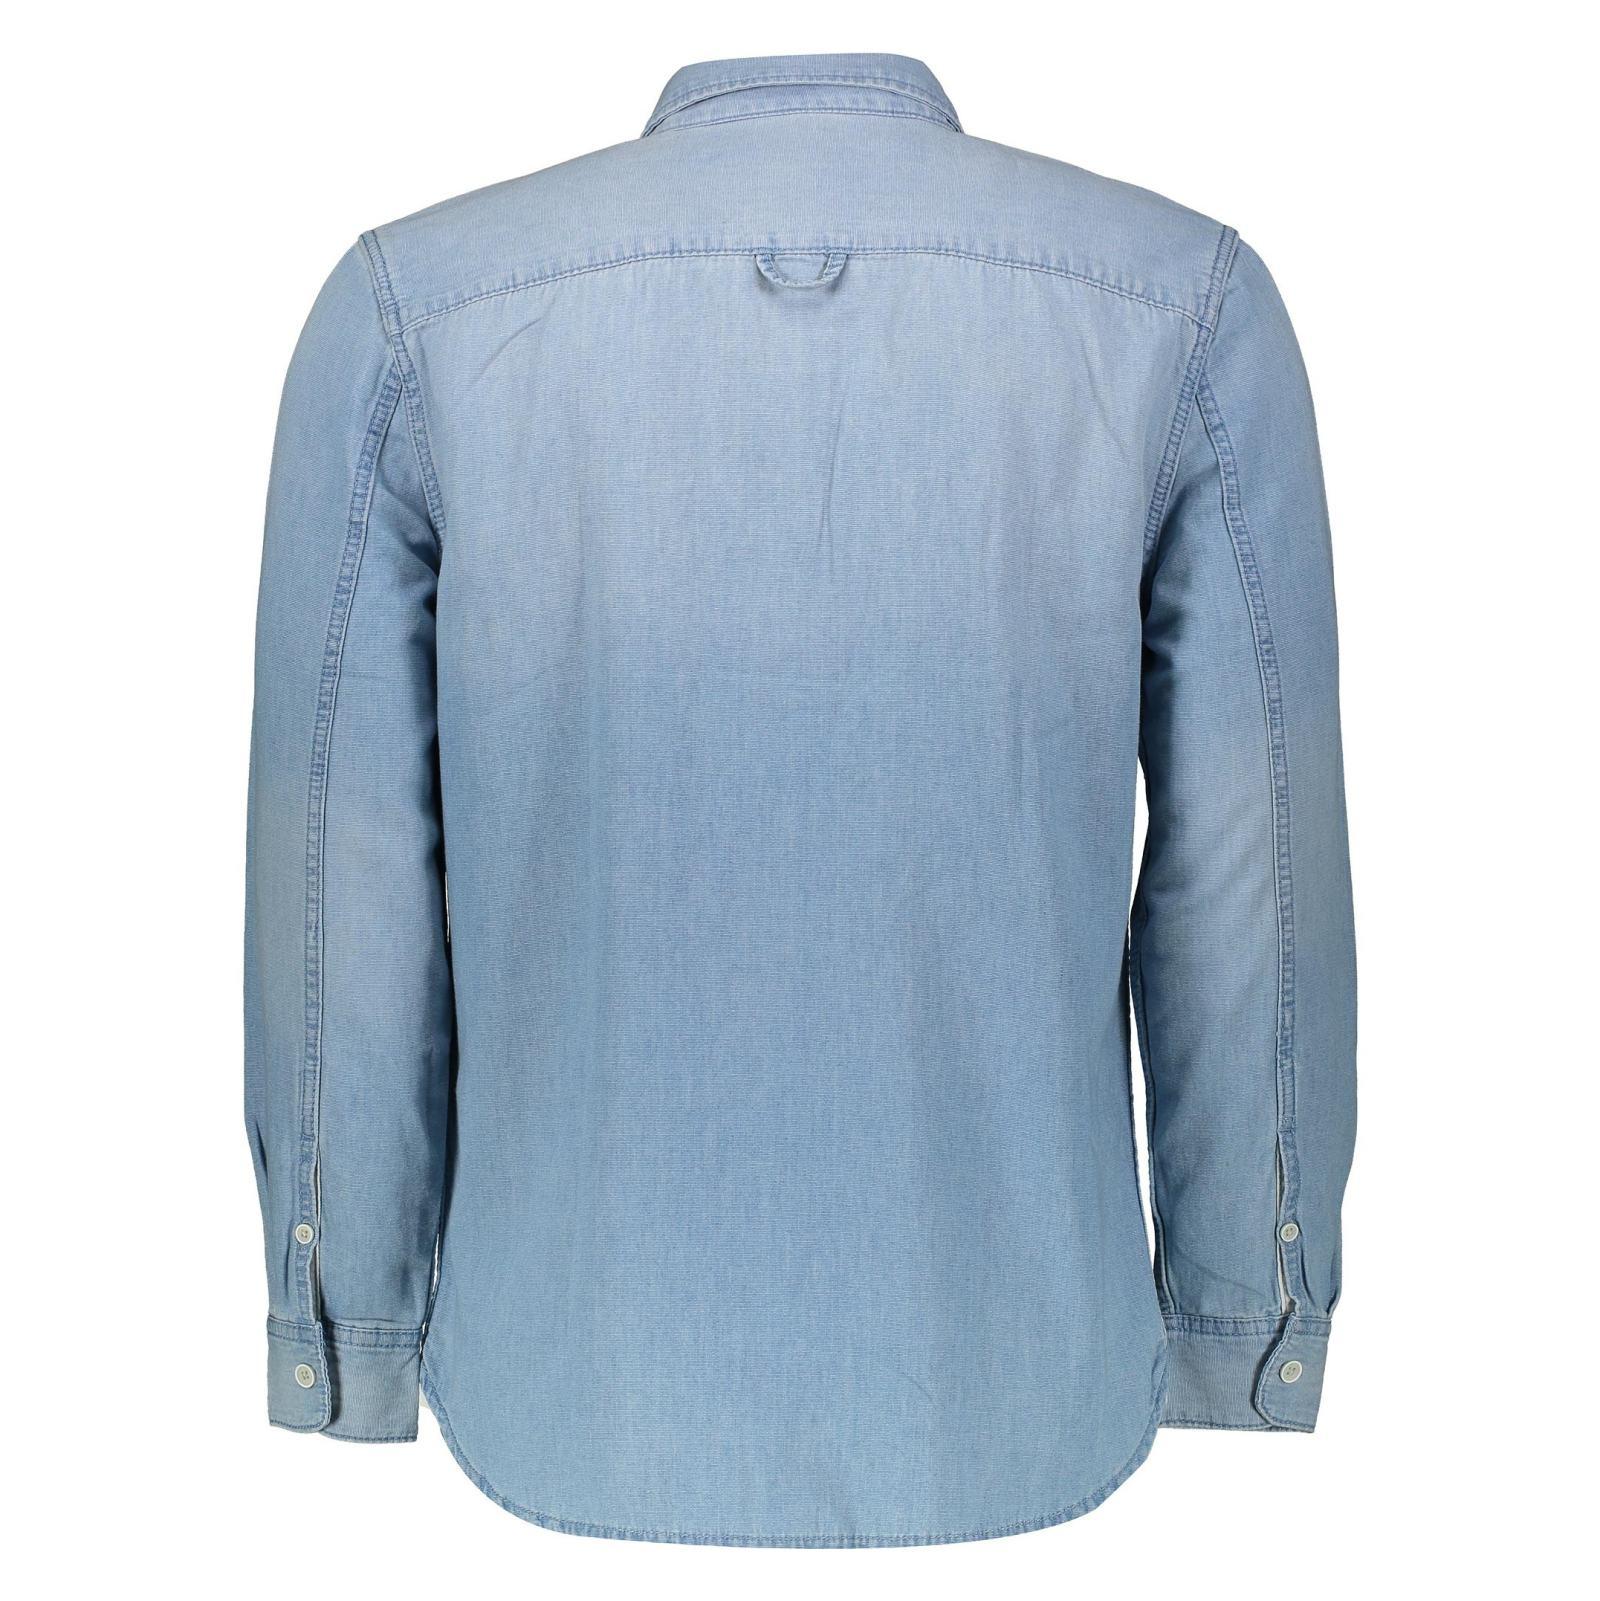 پیراهن جین آستین بلند مردانه - مانگو - آبي - 2